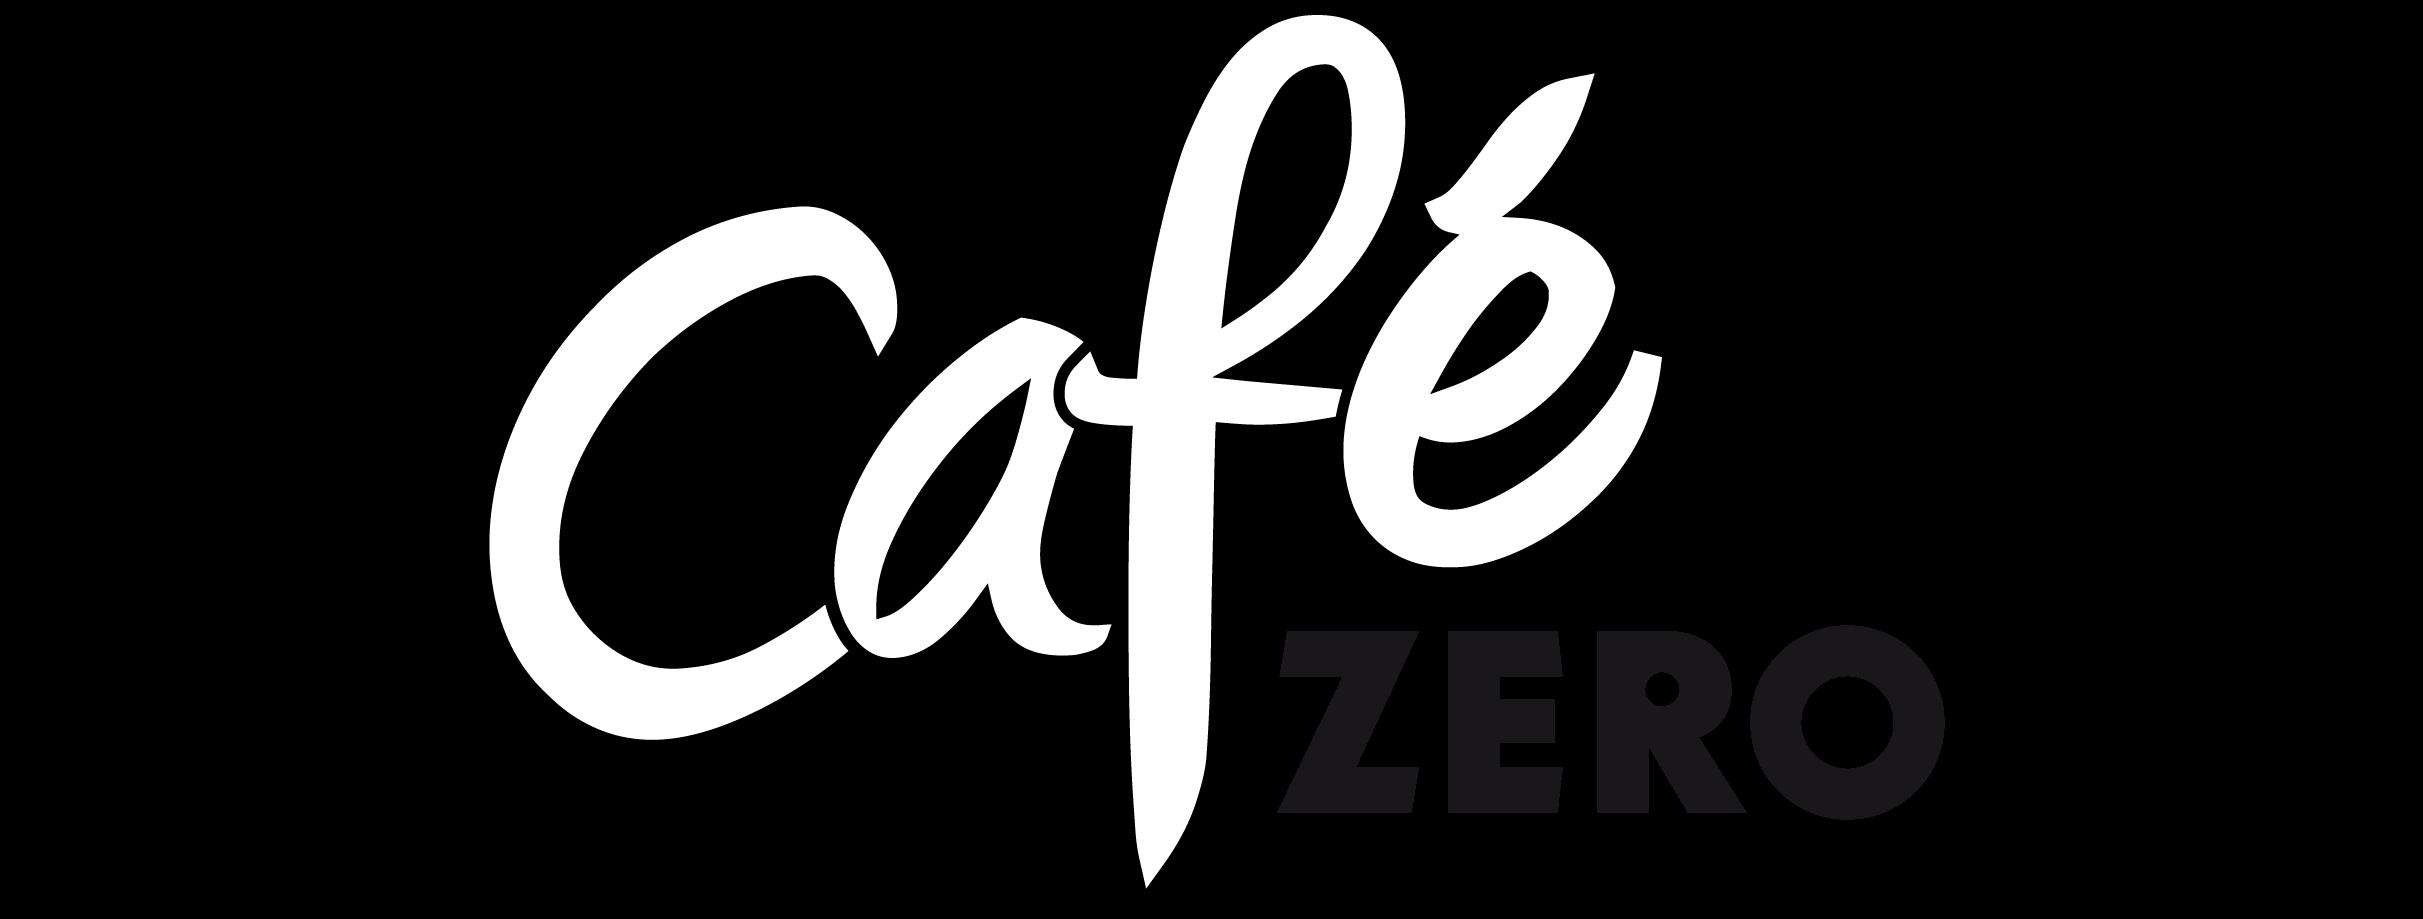 cafe_zero_logo